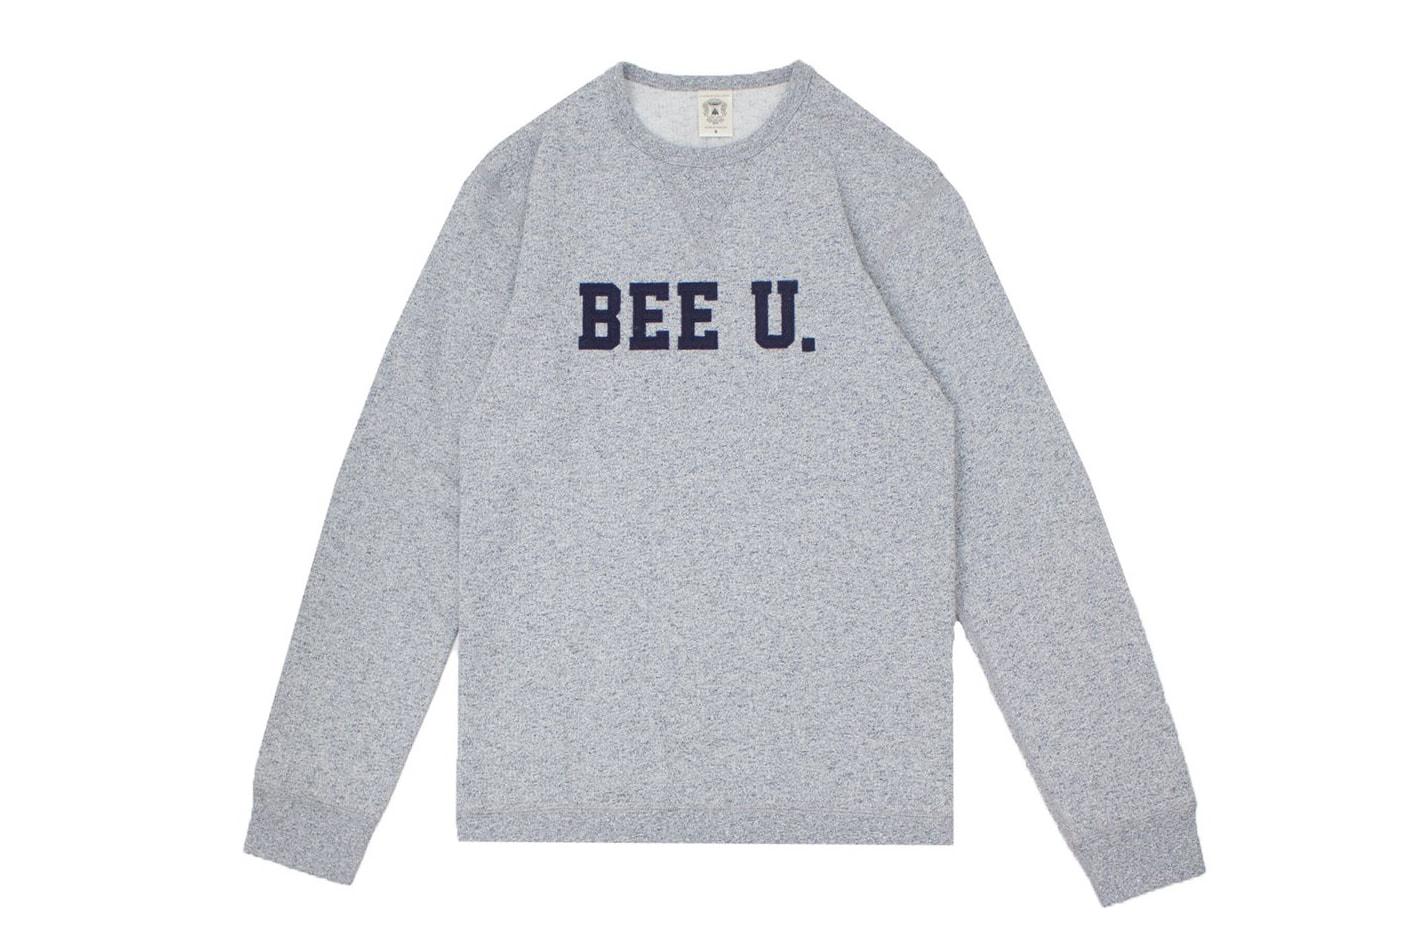 브랜든 바벤지엔의 빌리네어 보이즈 클럽 비라인 '전쟁과 평화' 컬렉션 2017 brendon babenzien billionaire boys club bbc bee line war and peace